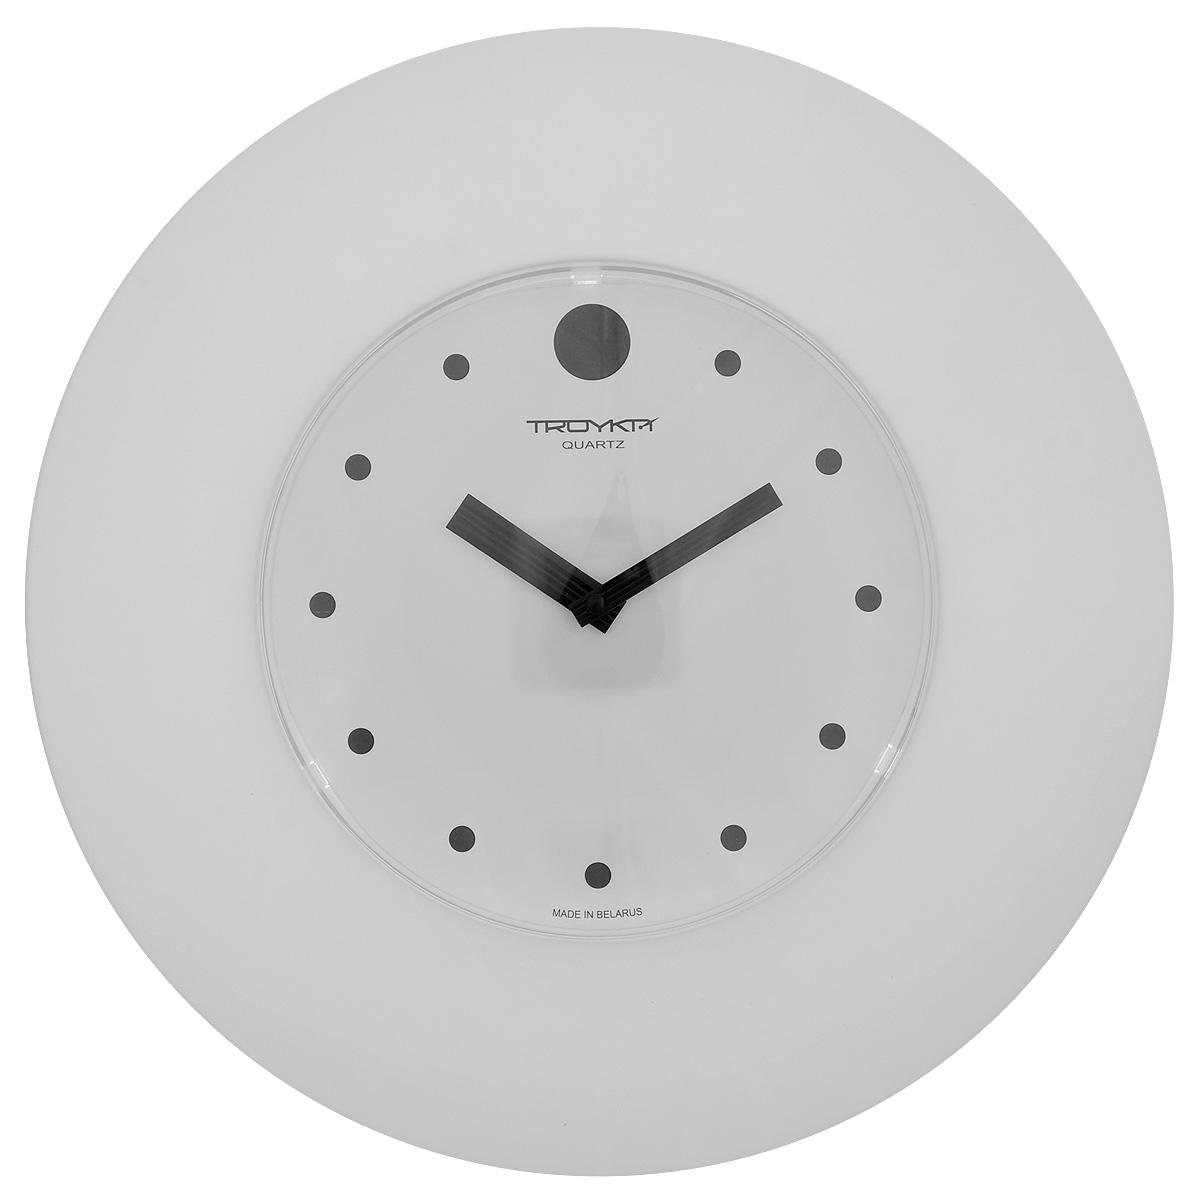 Часы настенные Troyka, цвет: белый, черный. 5555155655551556Настенные кварцевые часы с классическим дизайном Troyka, изготовленные из пластика, прекрасно подойдут под интерьер вашего дома. Круглые часы имеют три стрелки: часовую, минутную и секундную, циферблат защищен прозрачным пластиком. Диаметр часов: 37,5 см. Часы работают от 1 батарейки типа АА напряжением 1,5 В (входит в комплект).